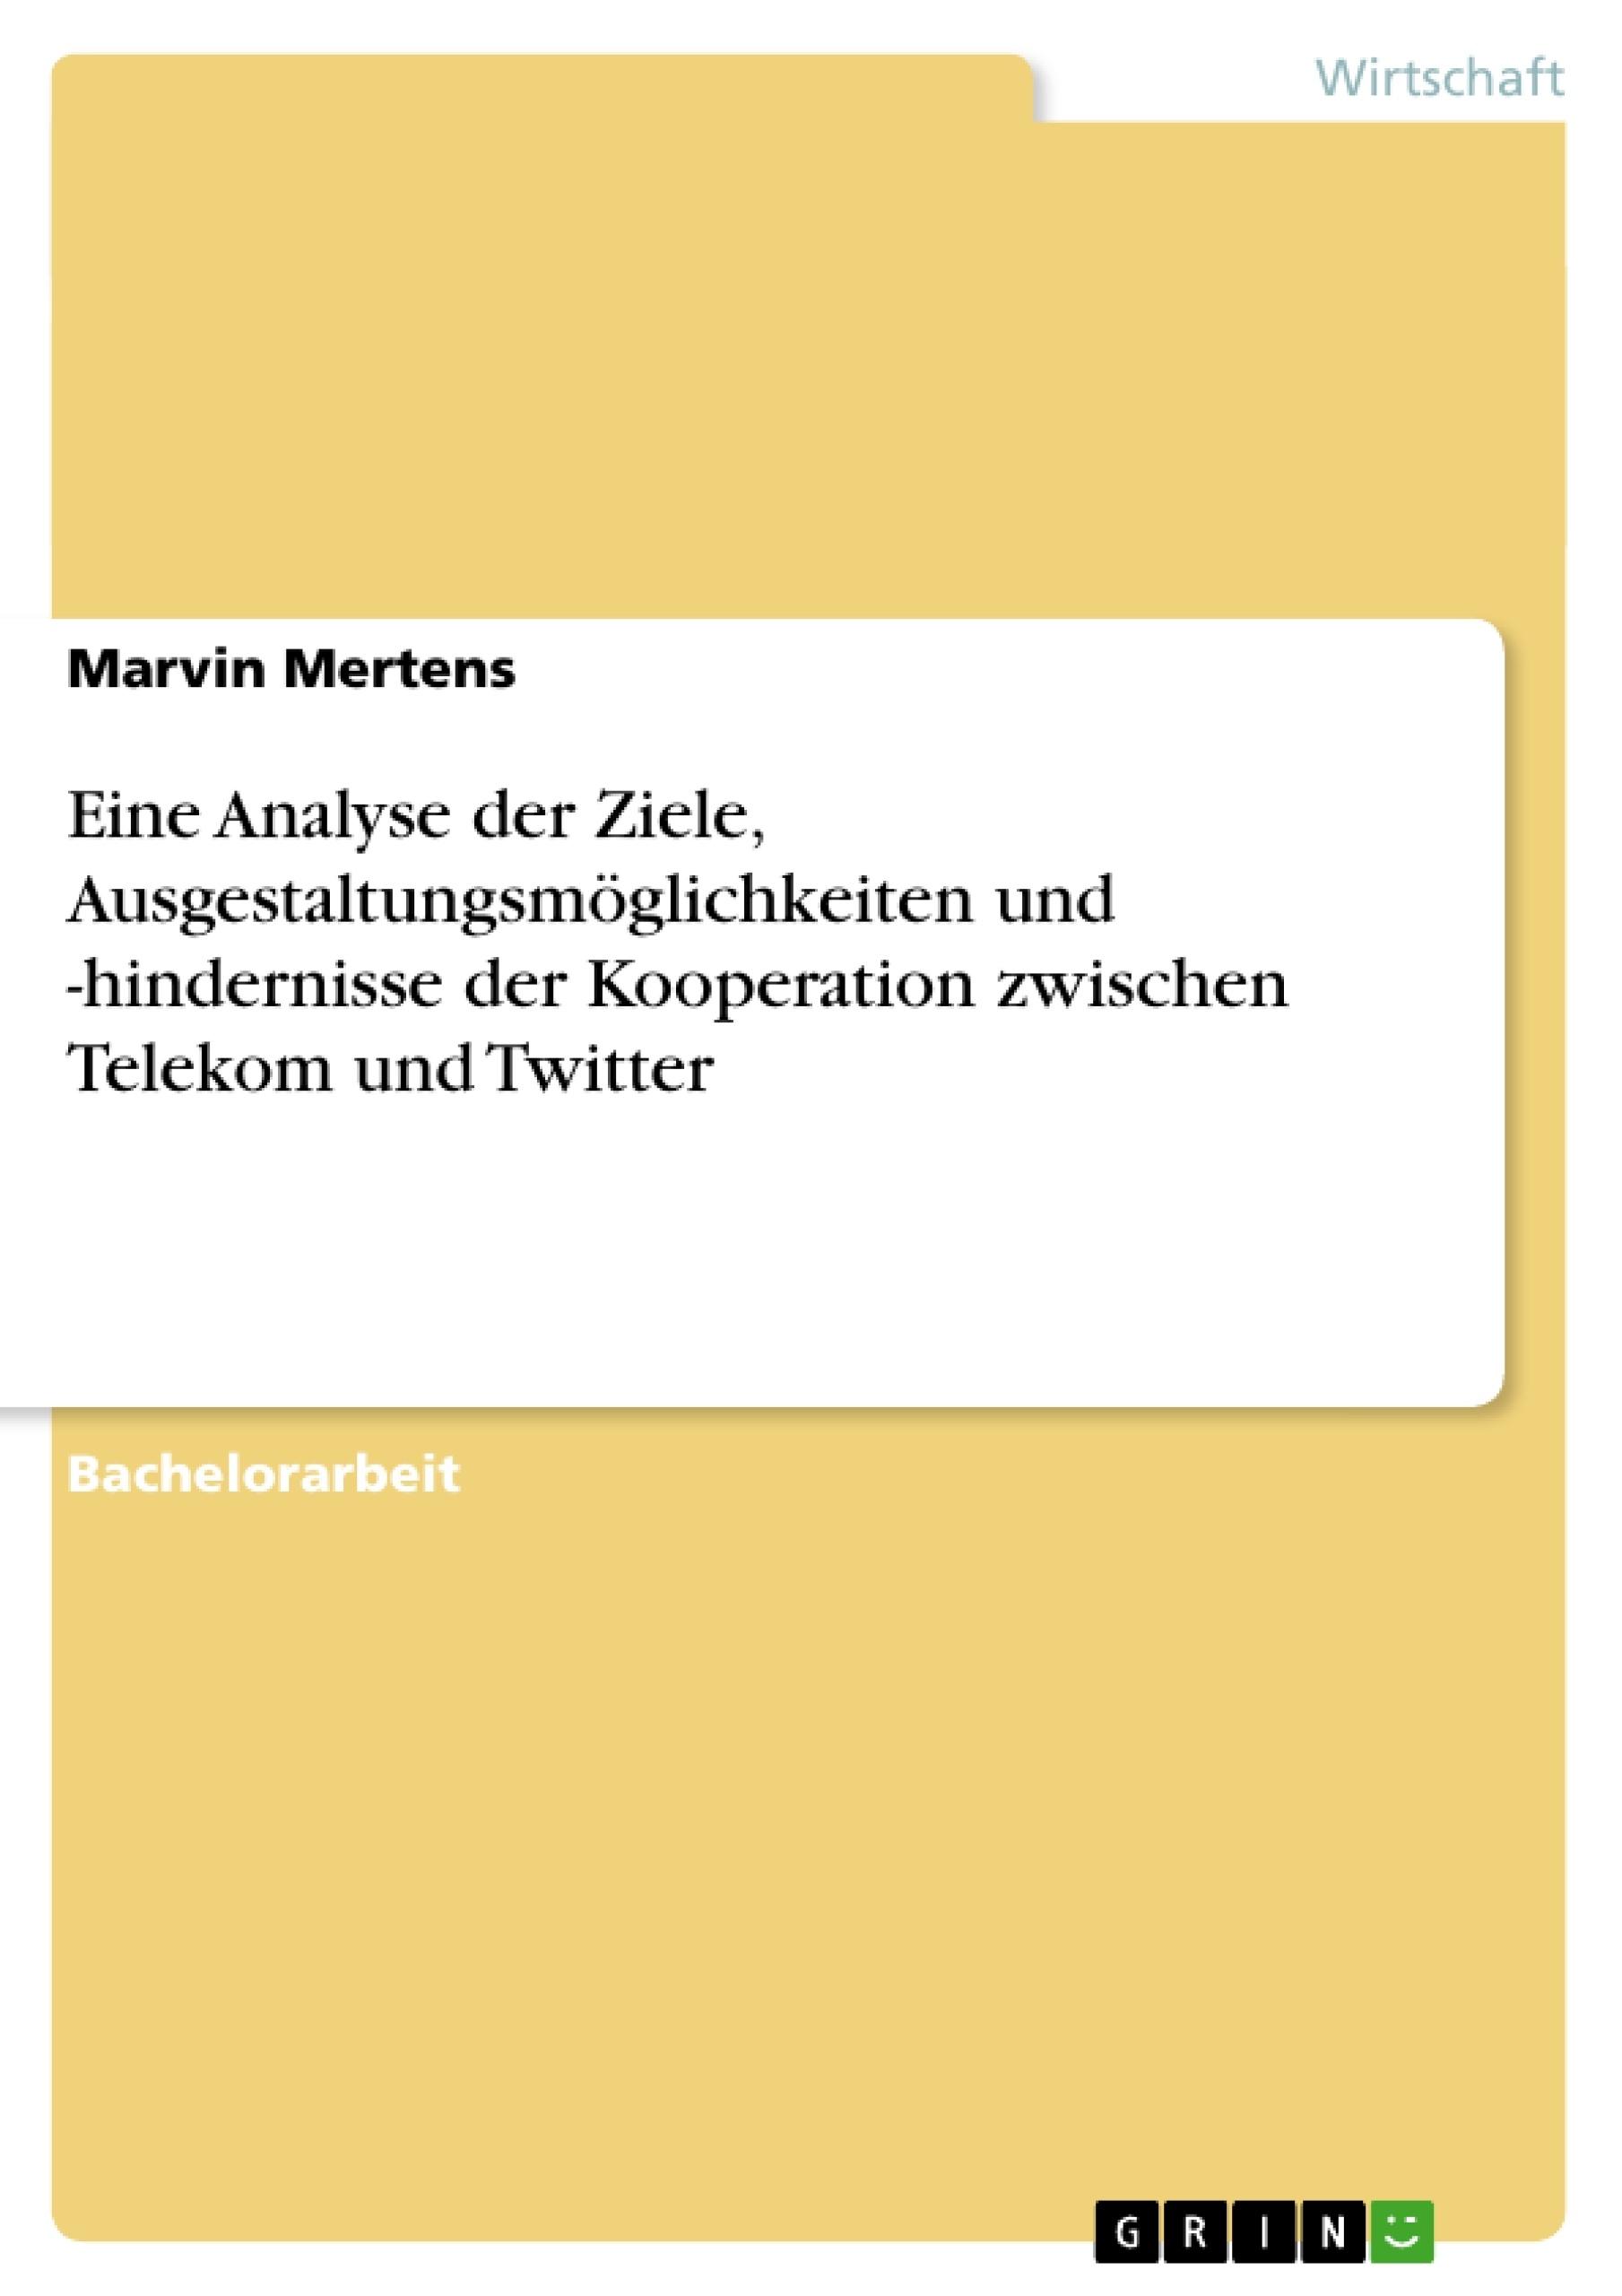 Titel: Eine Analyse der Ziele, Ausgestaltungsmöglichkeiten und -hindernisse der Kooperation zwischen Telekom und Twitter